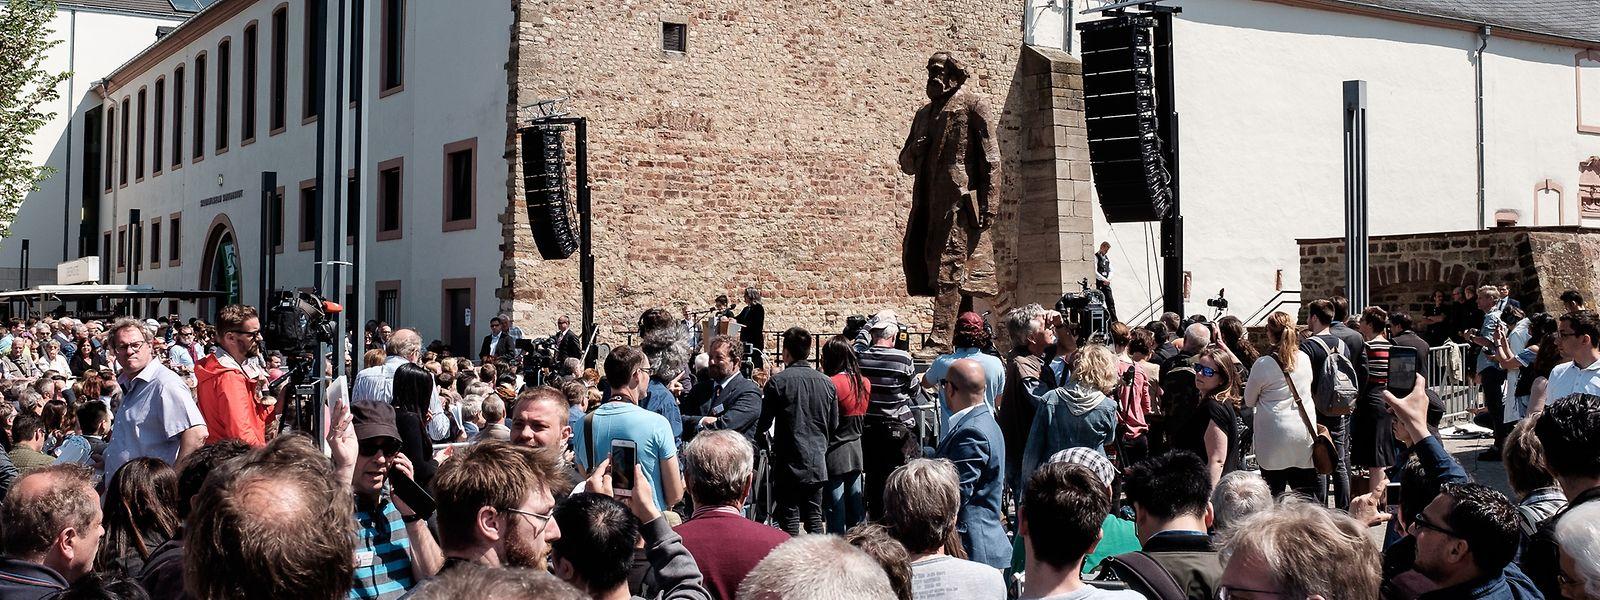 Viele Menschen waren gekommen, um sich die neue Statue anzusehen. Aber auch um zu demonstrieren.